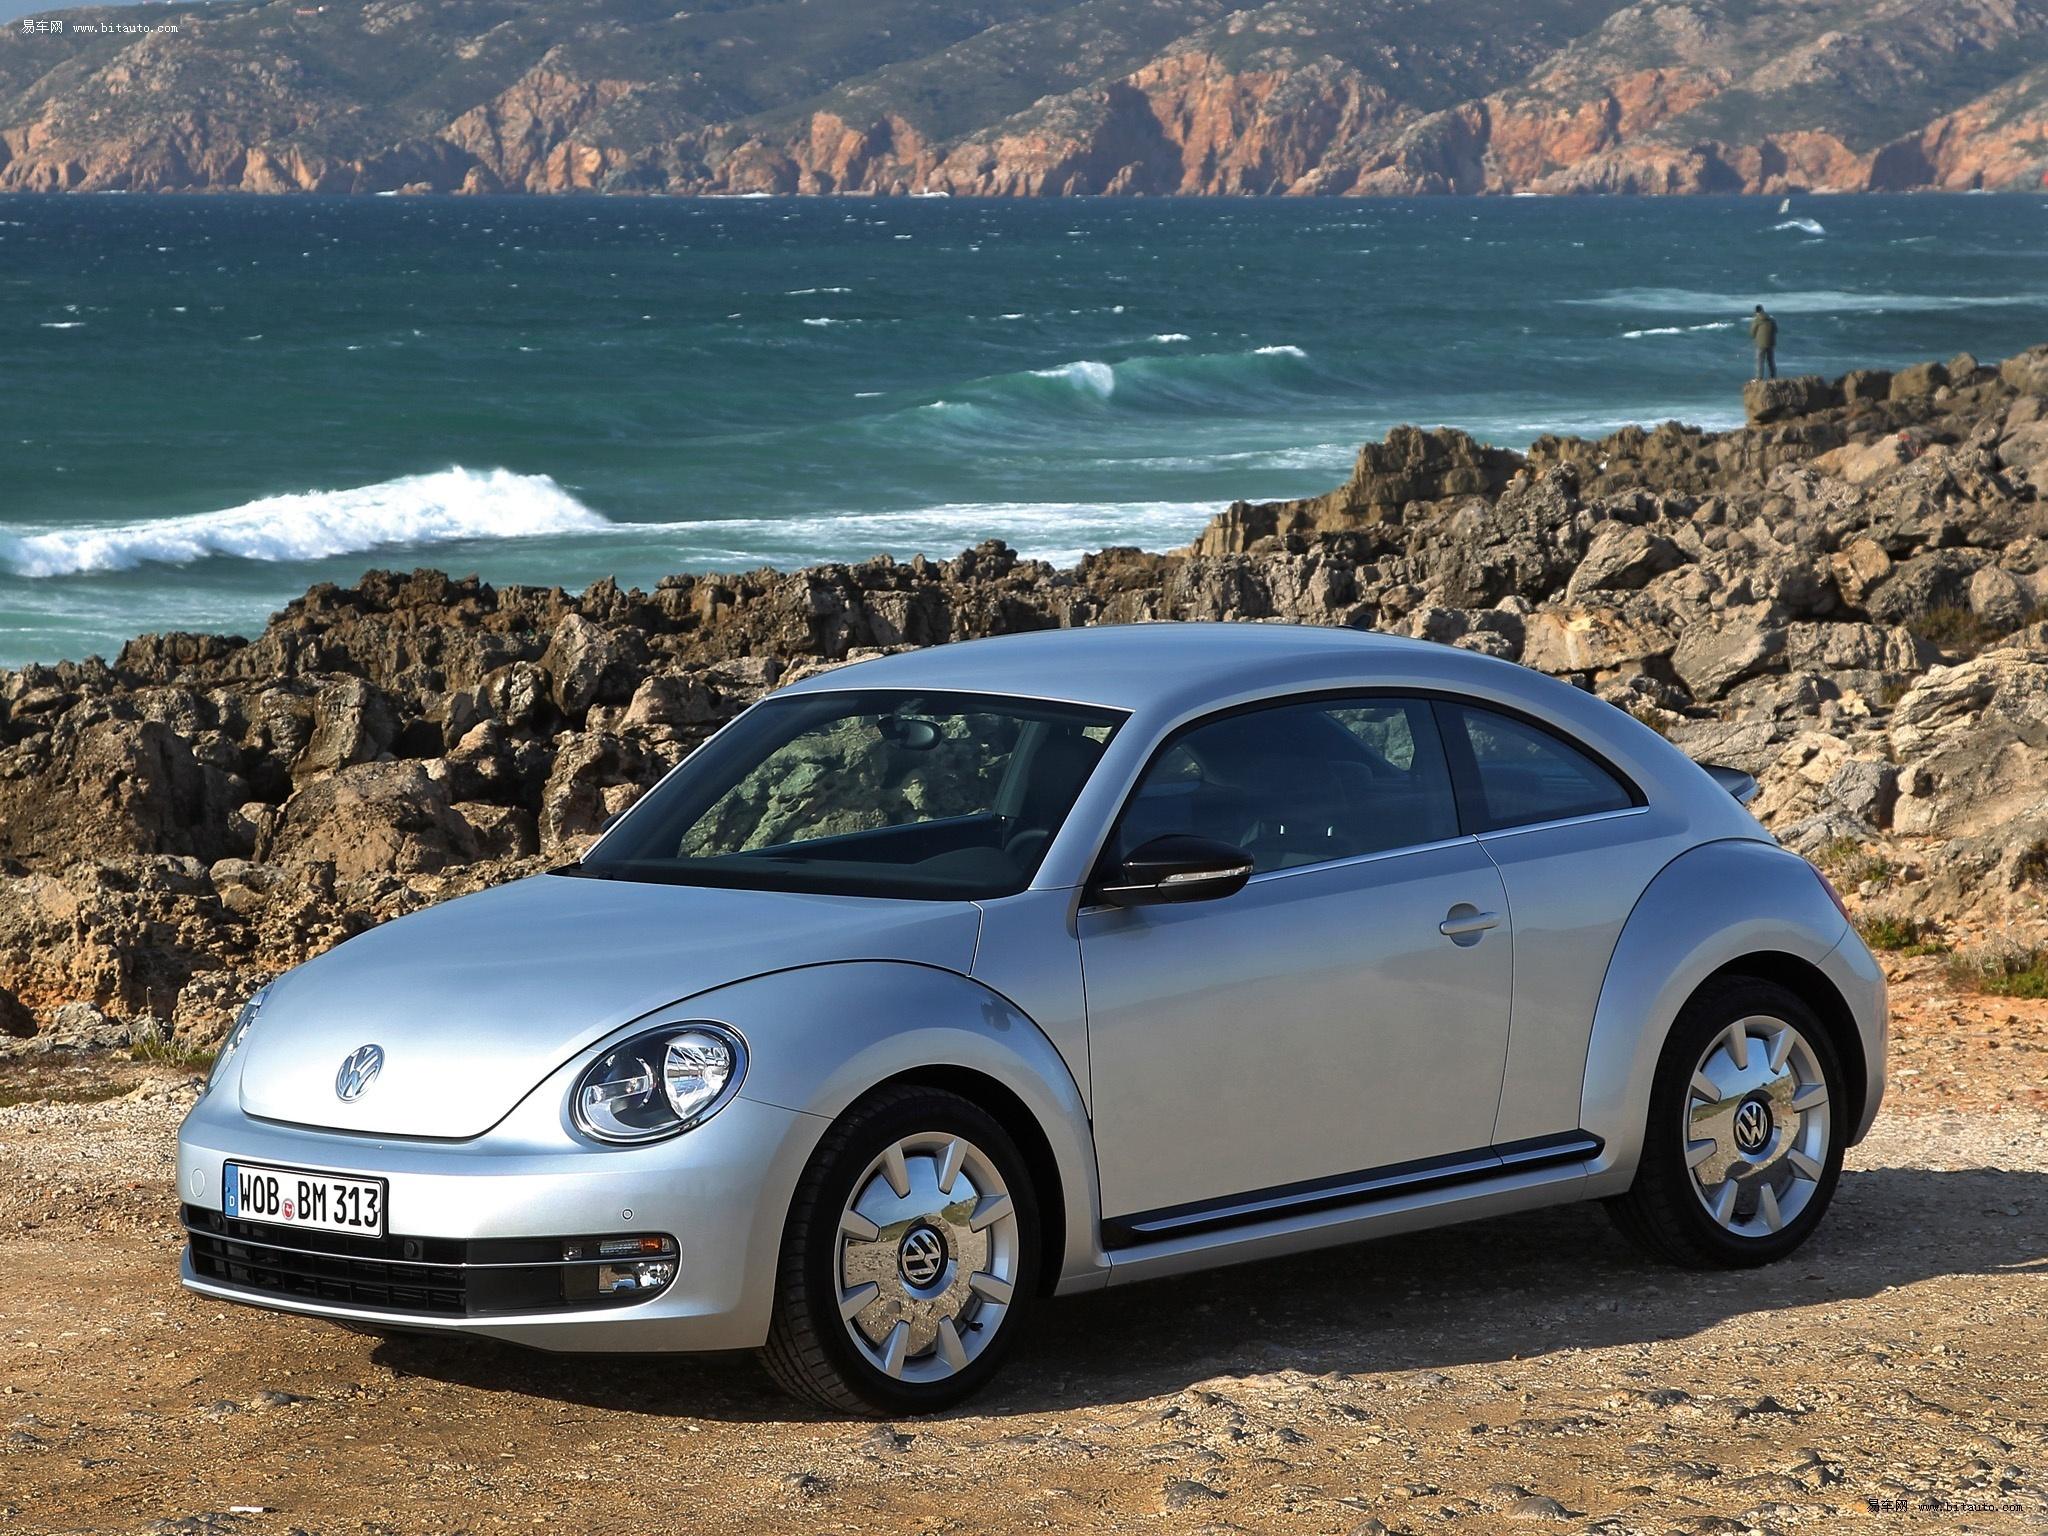 【大众汽车第三代甲壳虫】-比比谁更有文化 大众甲壳虫对比MINI高清图片